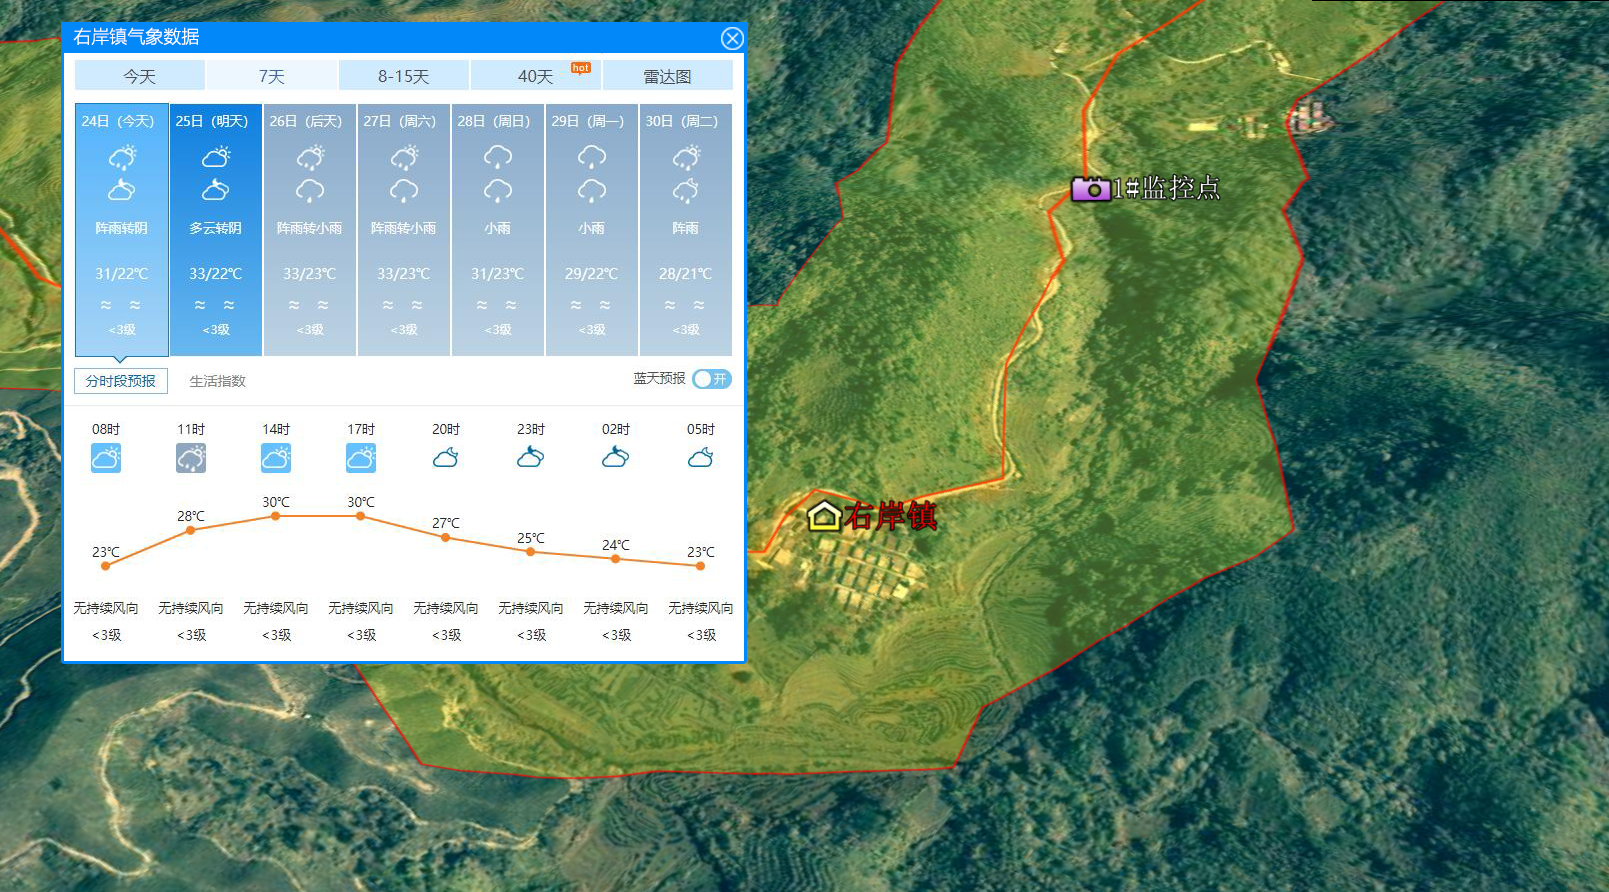 气象数据融合示意图